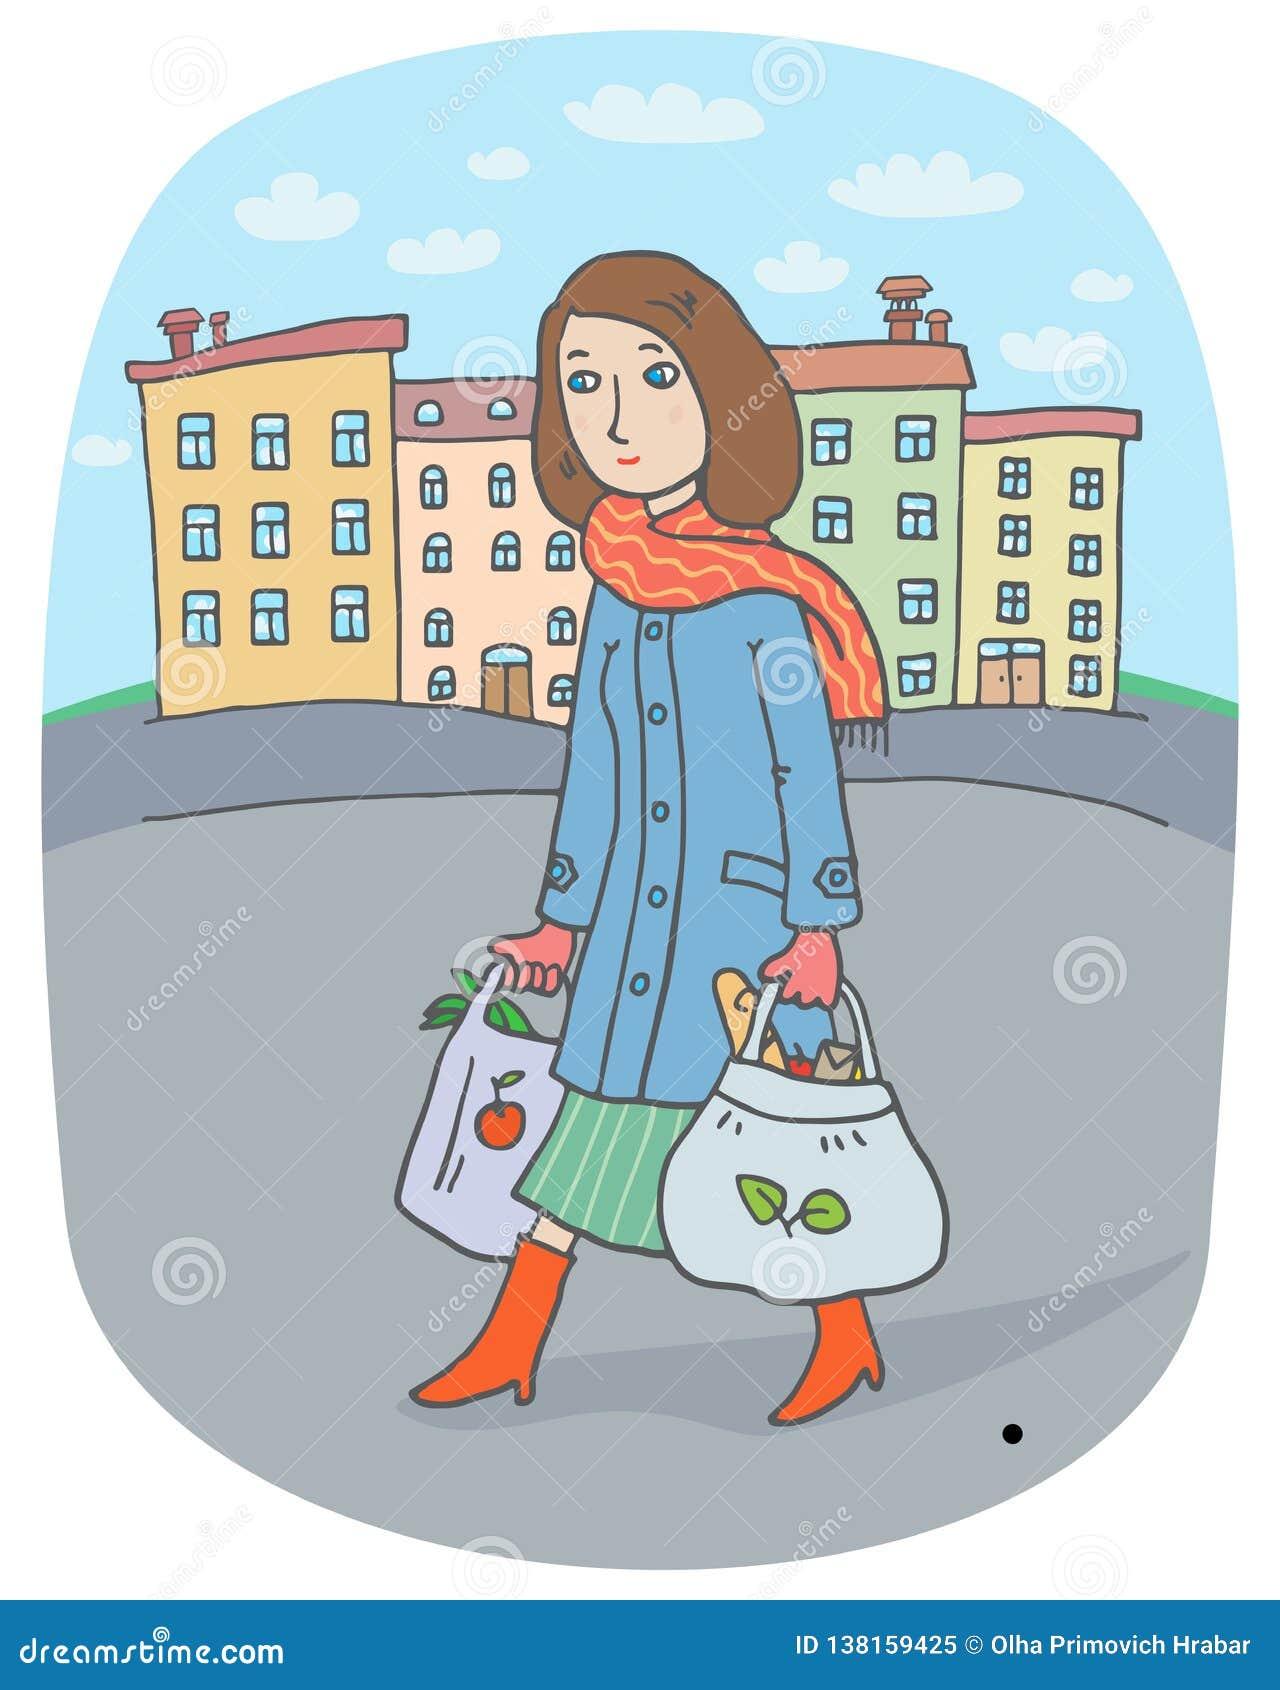 Junge Frau mit Einkaufstaschen geht vom Stadtmarkt automatisch anzusteuern